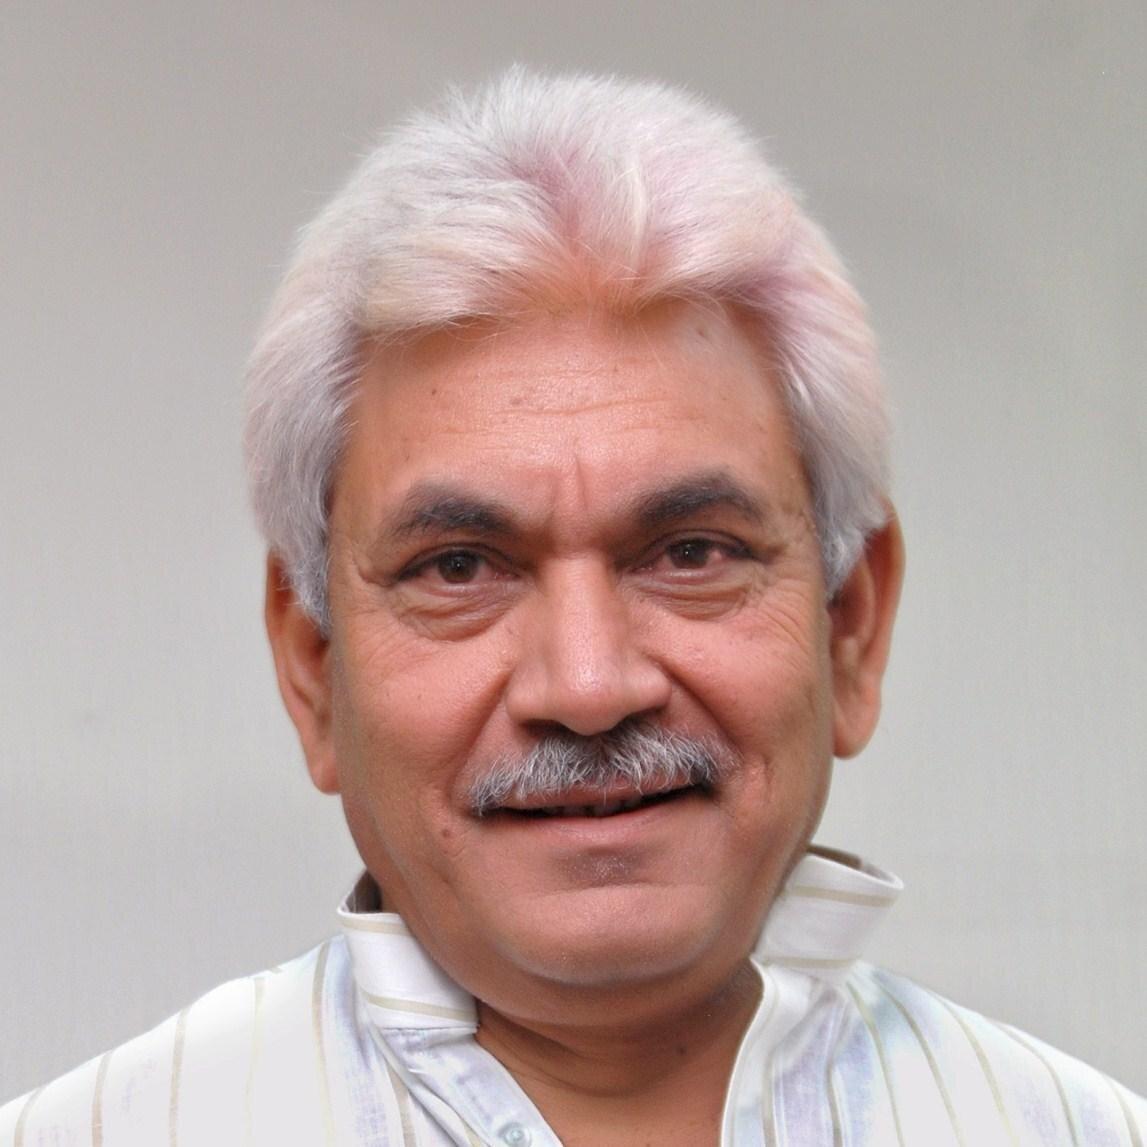 മനോജ് സിന്ഹ